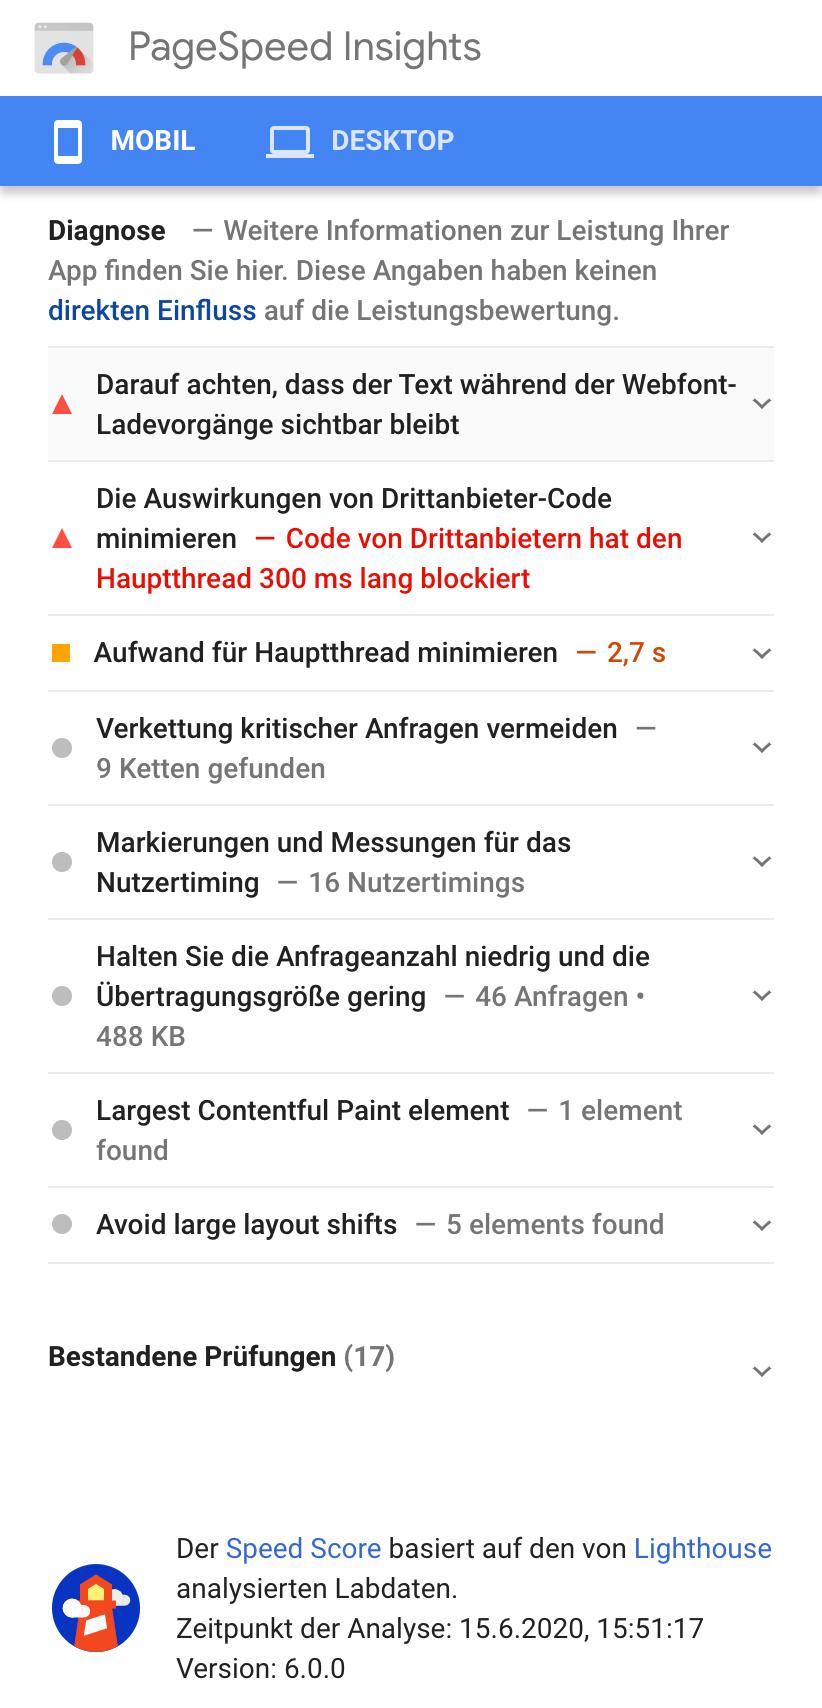 """Zeigt die Ergebnisseite nach einer Überprüfung der PageSpeed Insights in der Mobileansicht. Hier wird die """"Diagnose"""" der PageSpeed Insights angezeigt."""